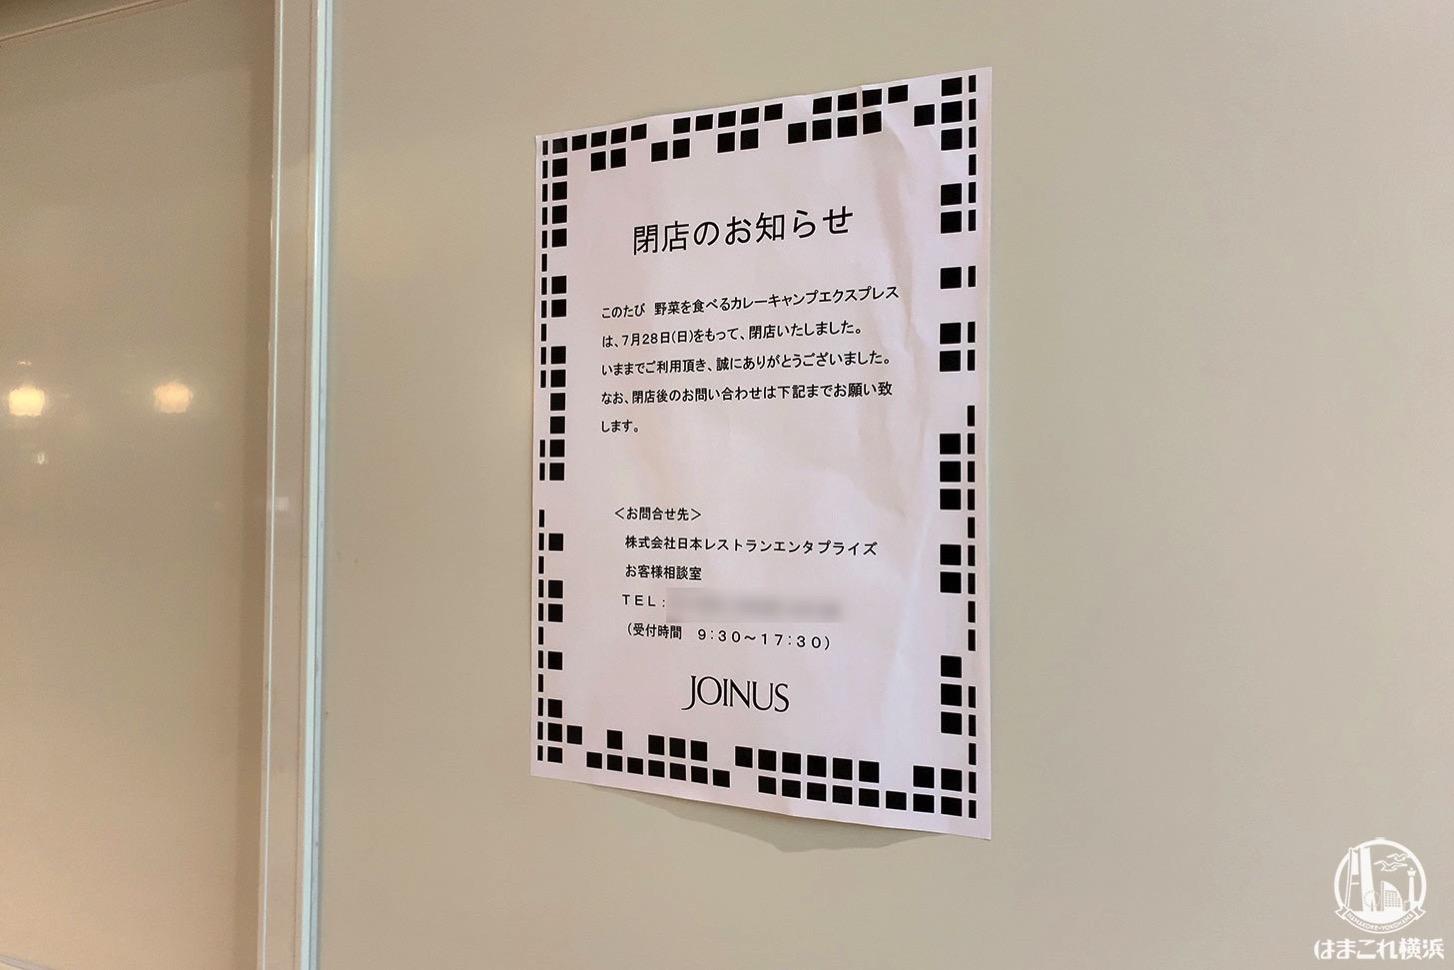 横浜ジョイナスの「カレーキャンプエクスプレス」が2019年7月28日をもって閉店